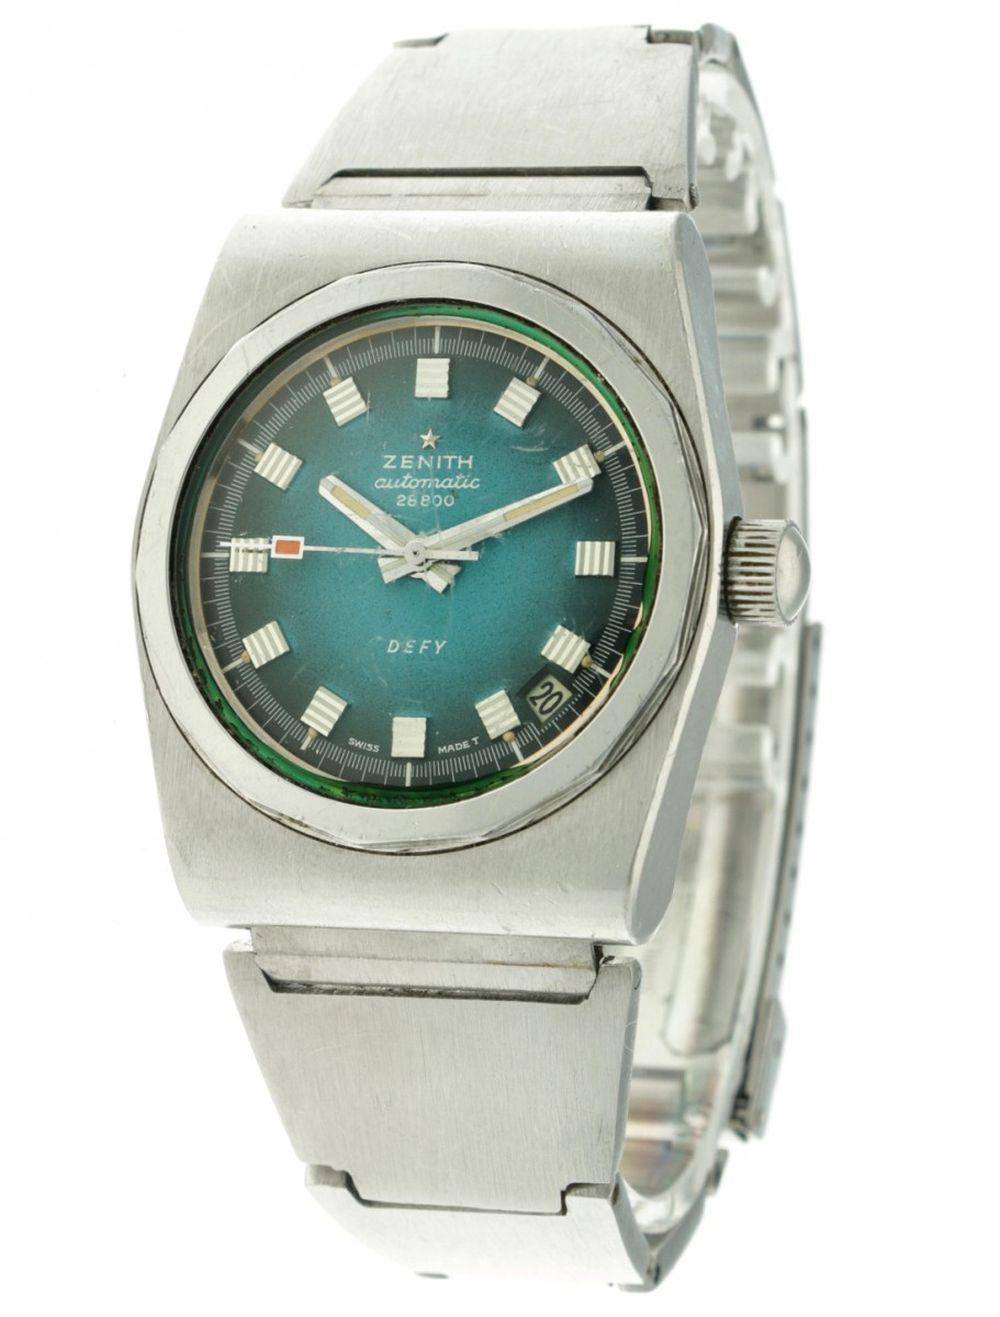 Zenith Defy - Men's watch - apprx. 1970.